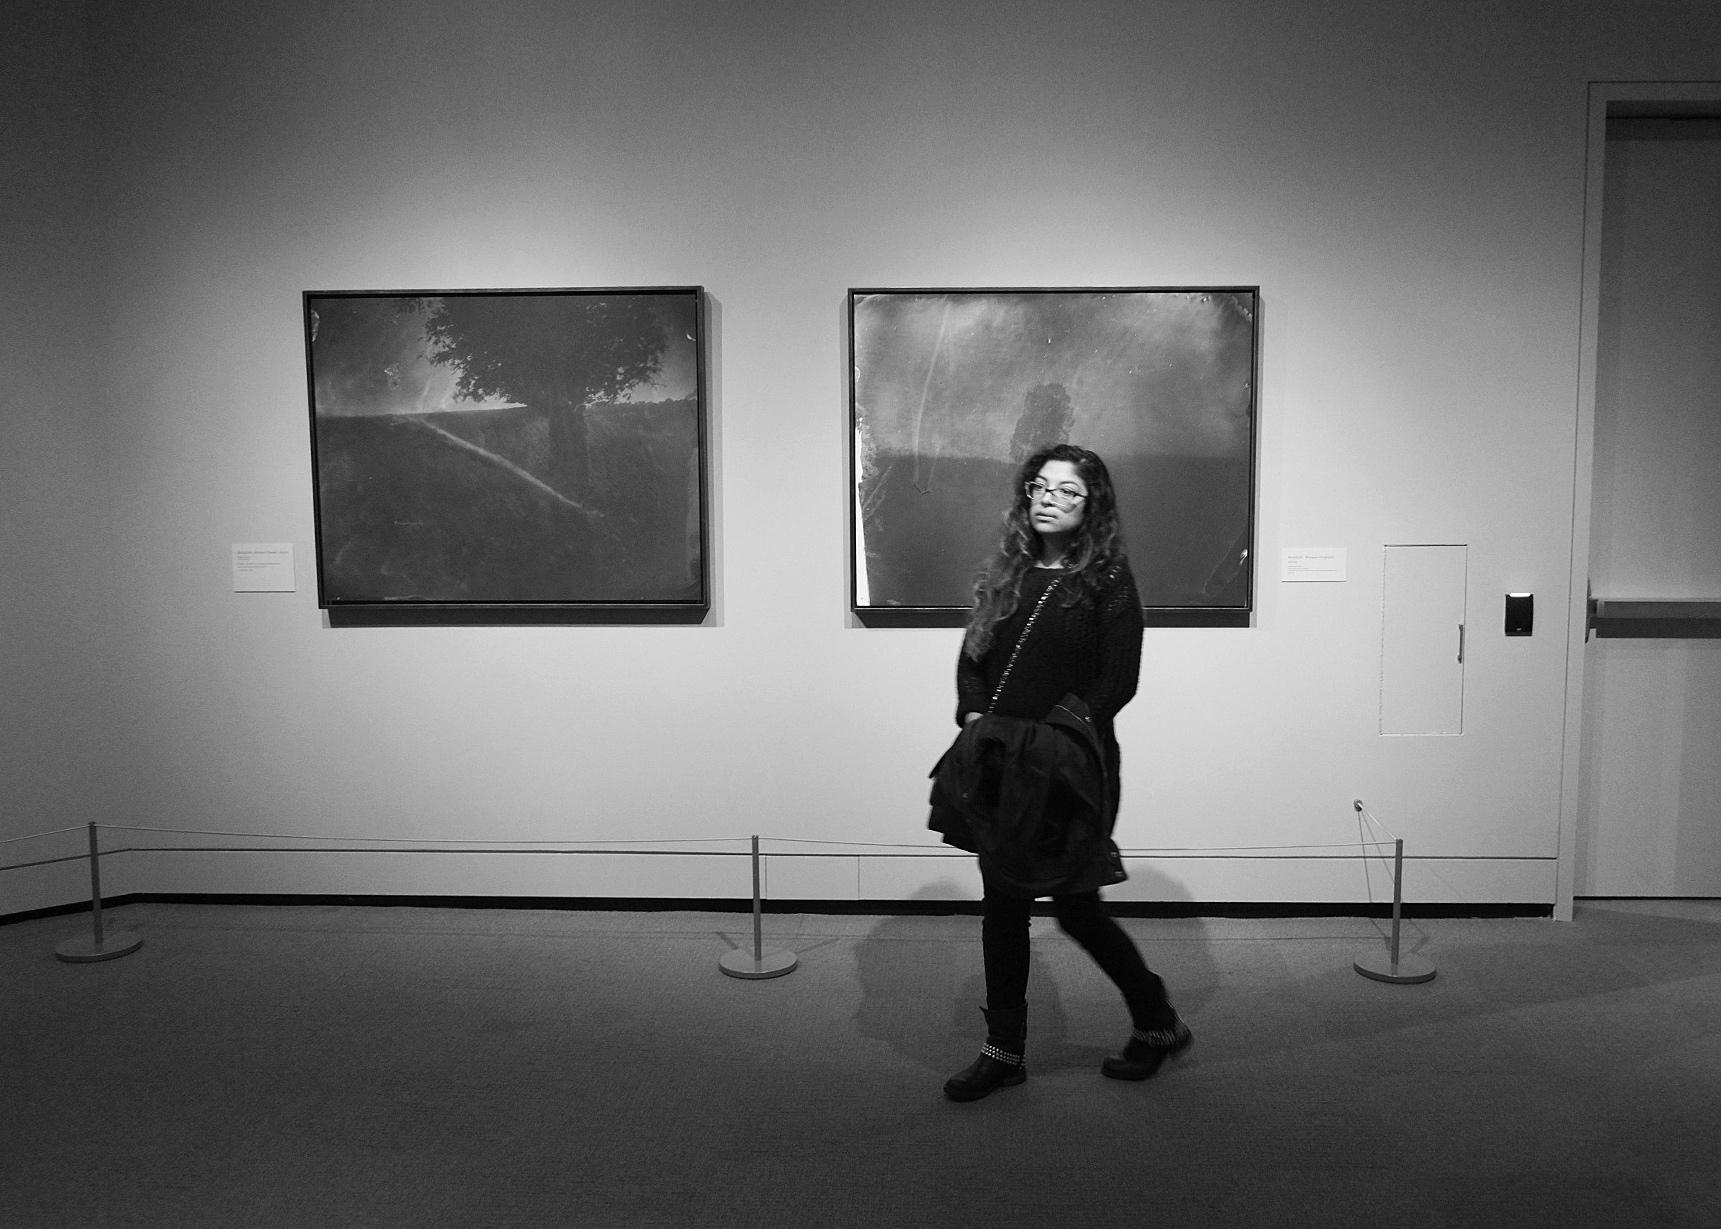 Legendary Photographer Sally Mann | Digs.net